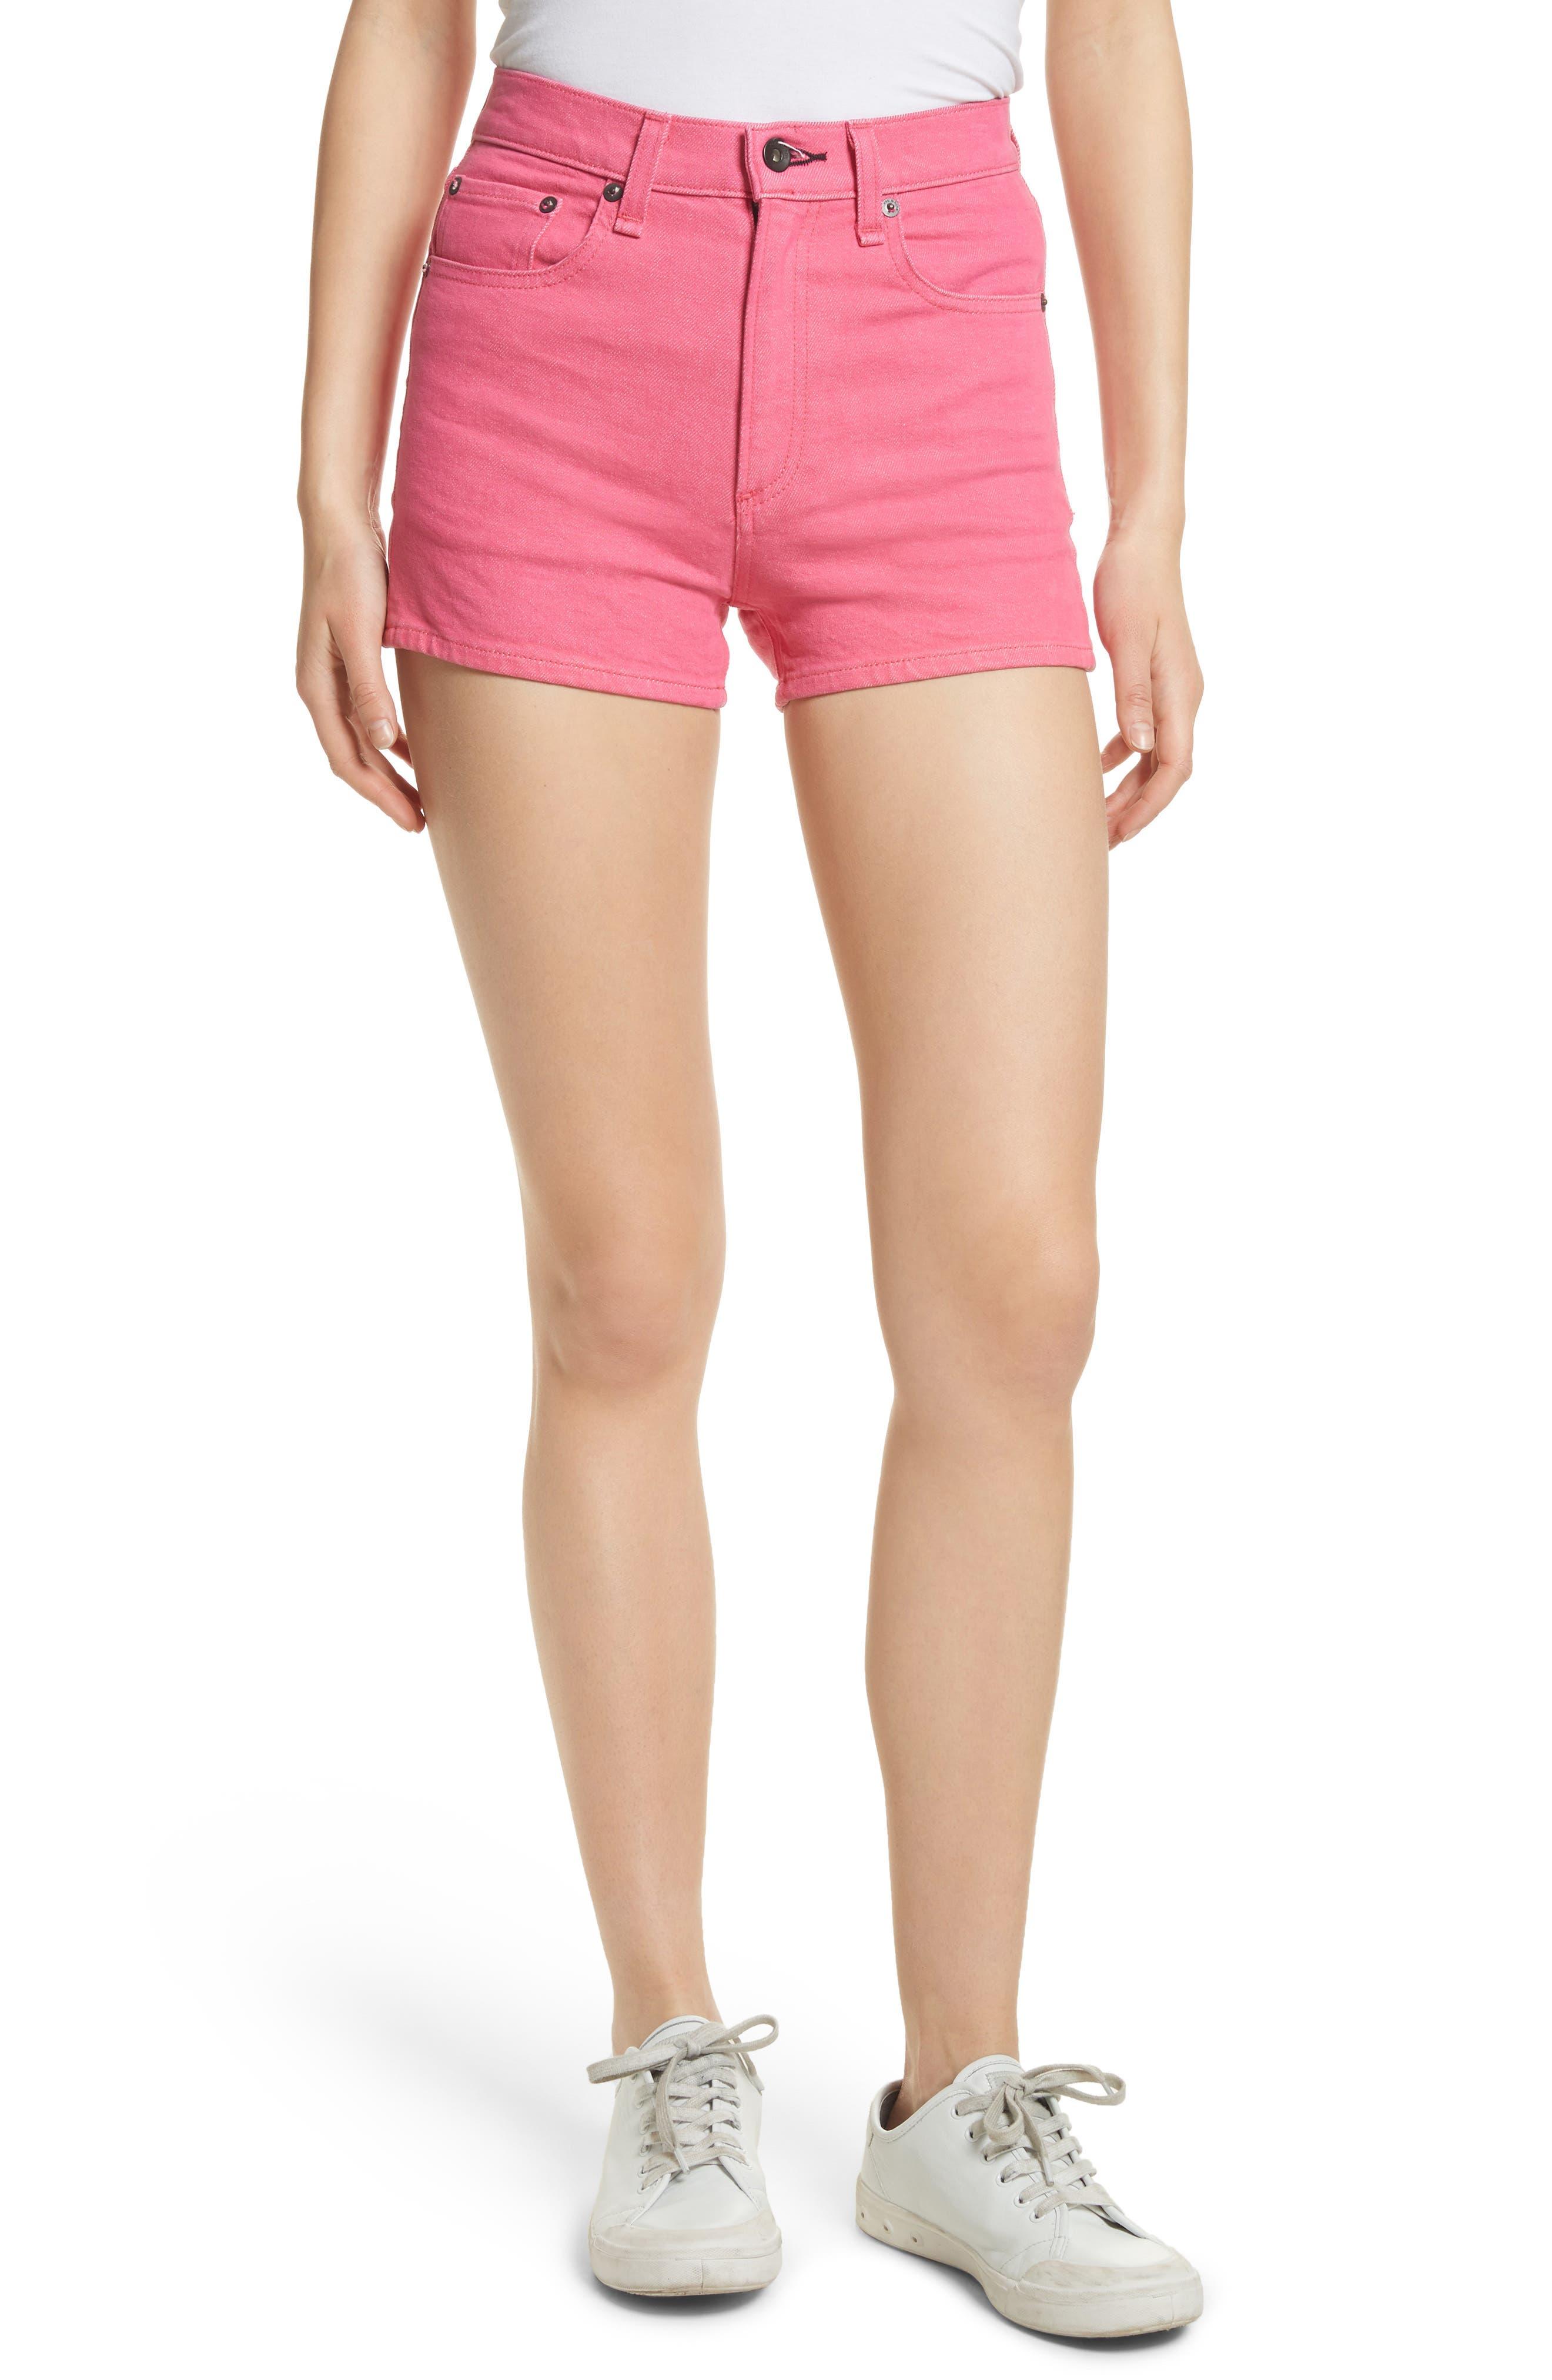 Justine High Waist Denim Shorts,                             Main thumbnail 1, color,                             672